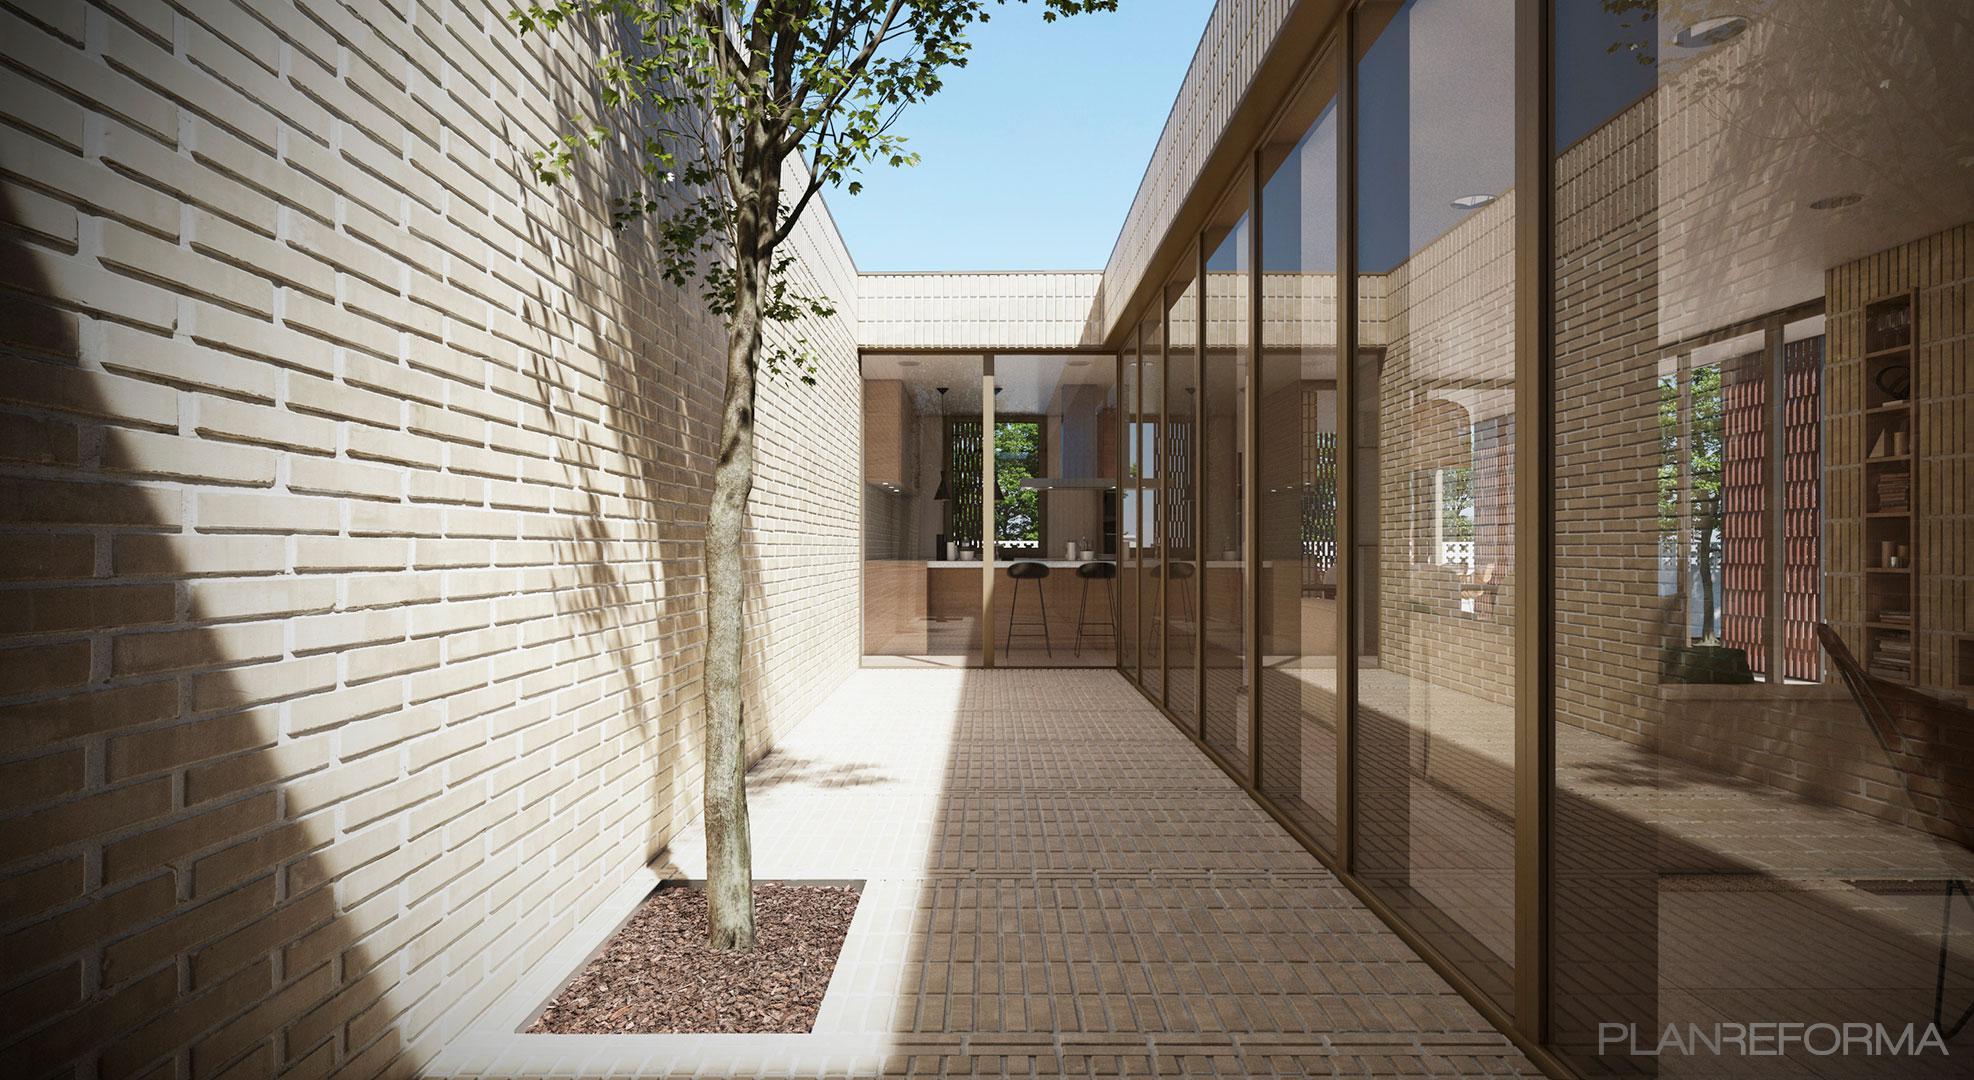 Terraza, Patio, Exterior Estilo mediterraneo Color beige, marron, beige  diseñado por Fuster+ | Arquitecto | Copyright Fuster+